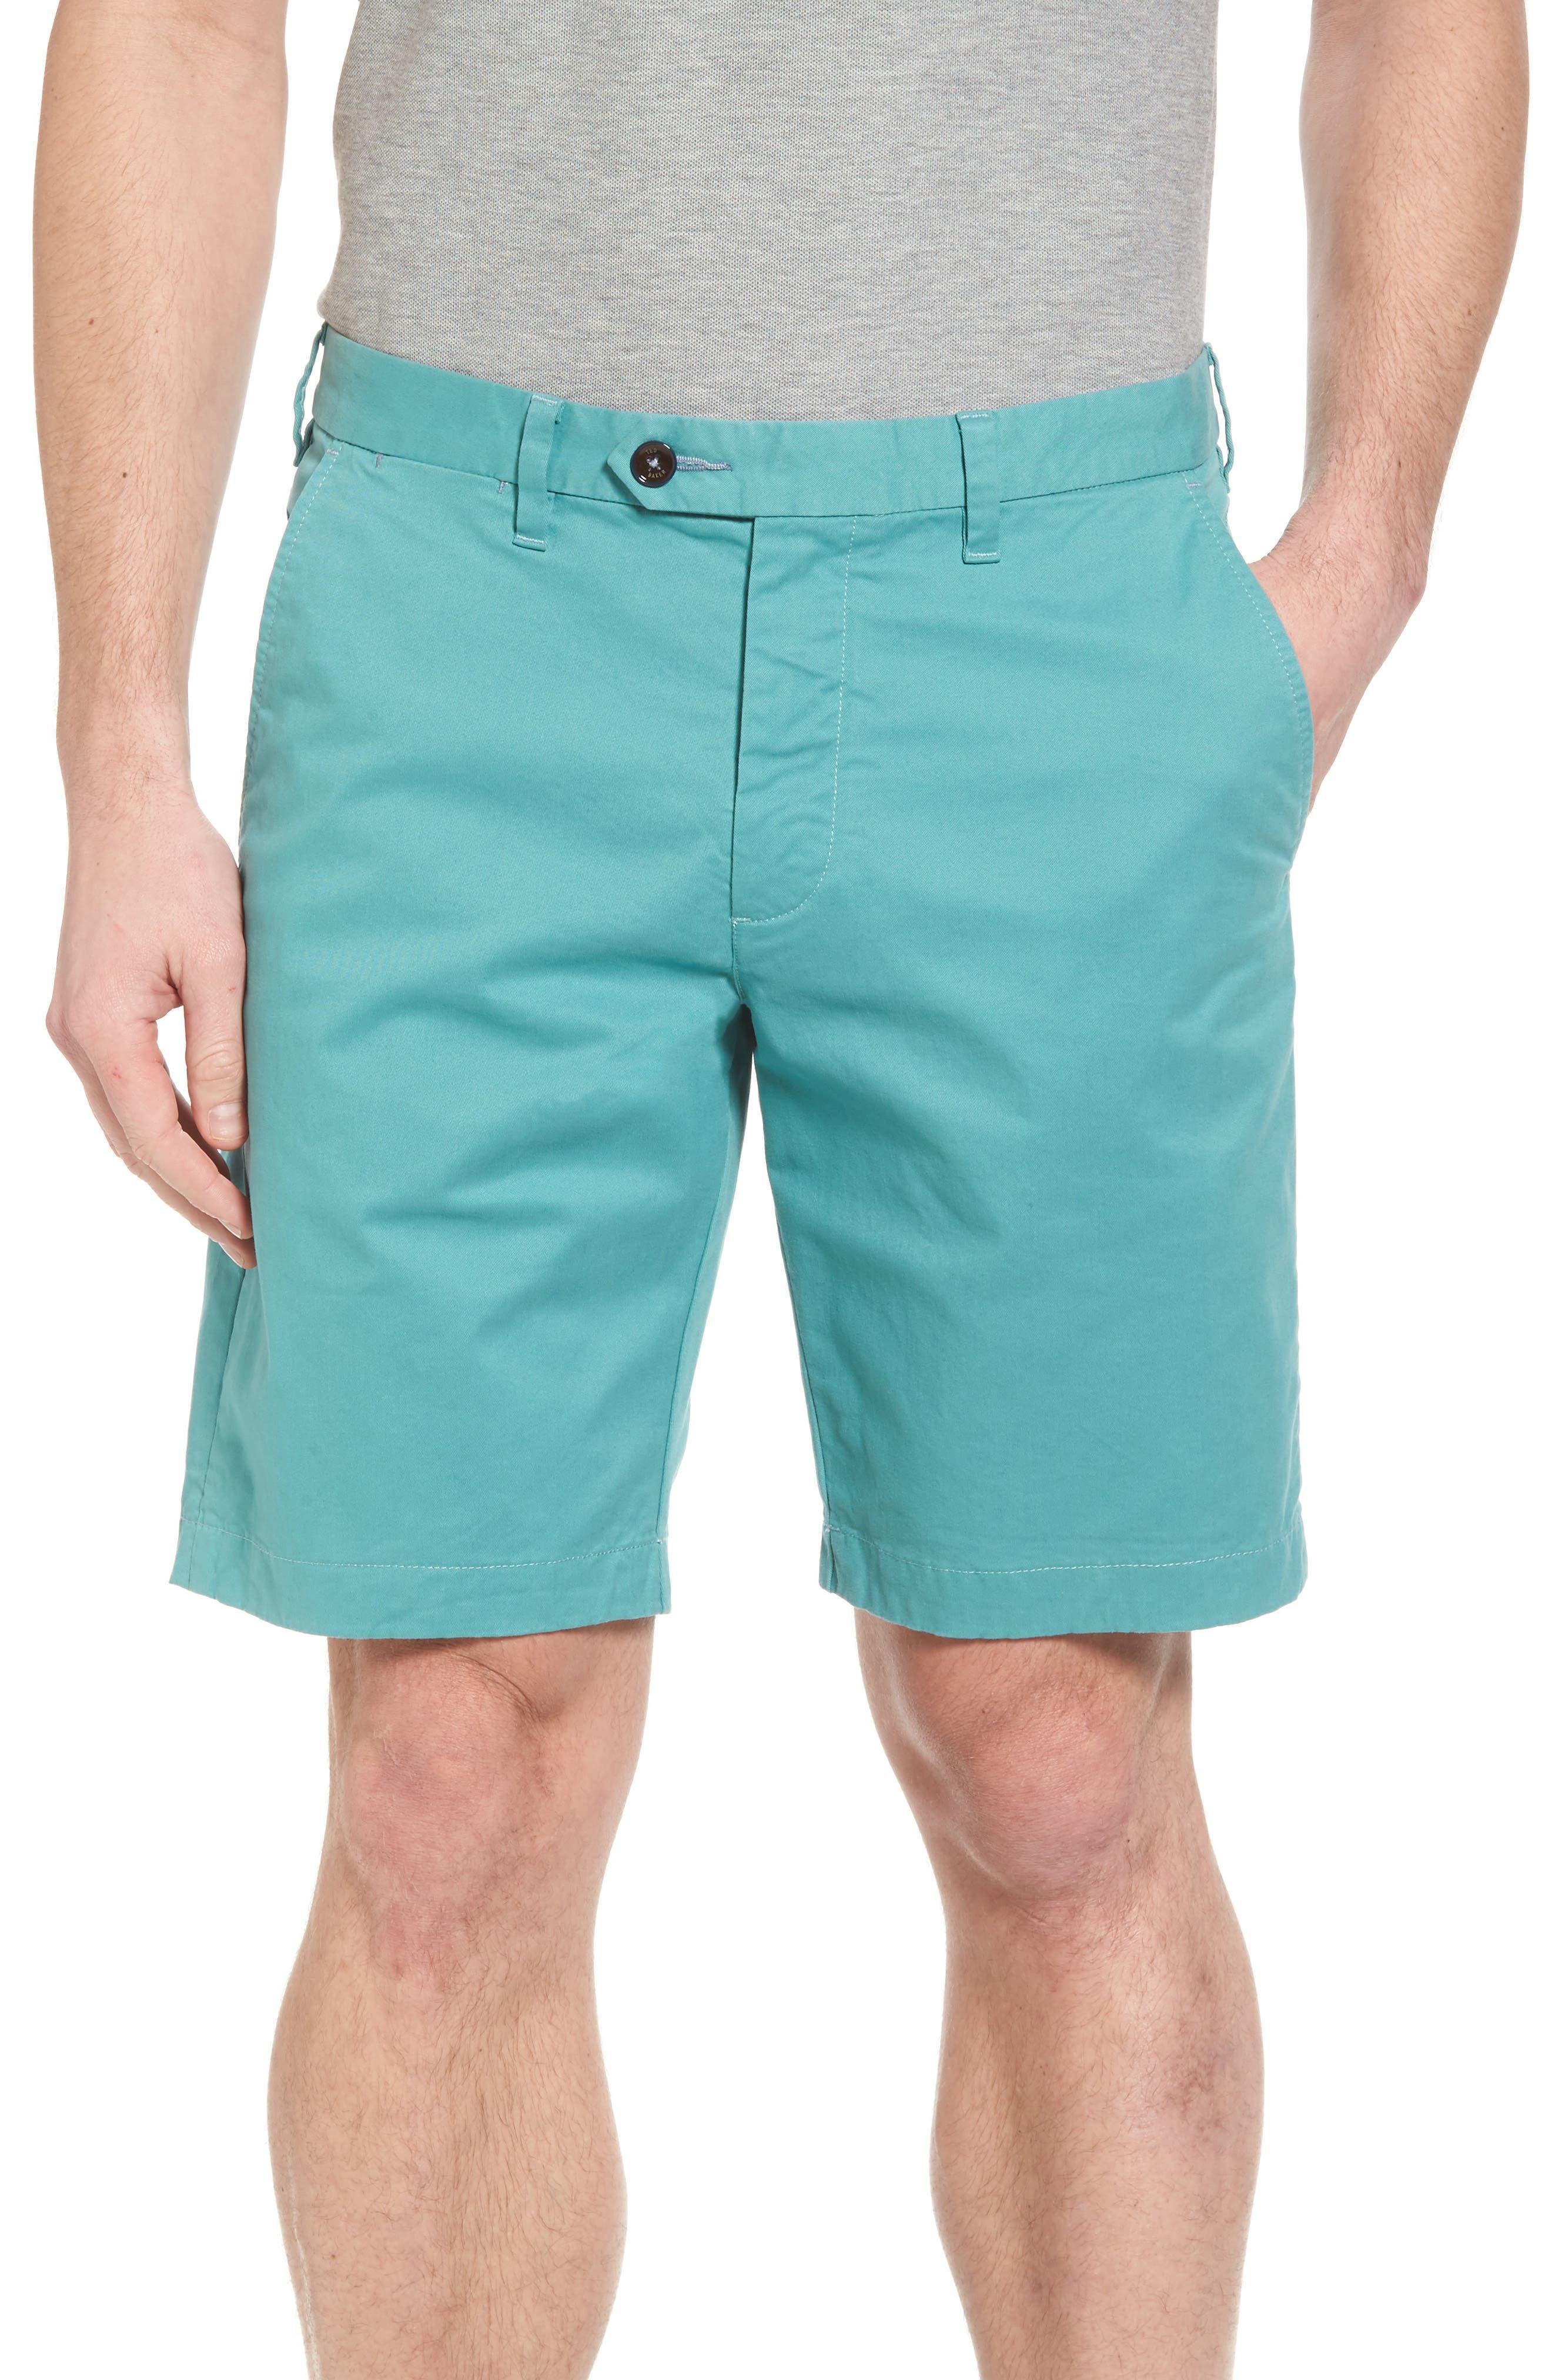 Proshtt Stretch Cotton Shorts,                             Main thumbnail 1, color,                             339